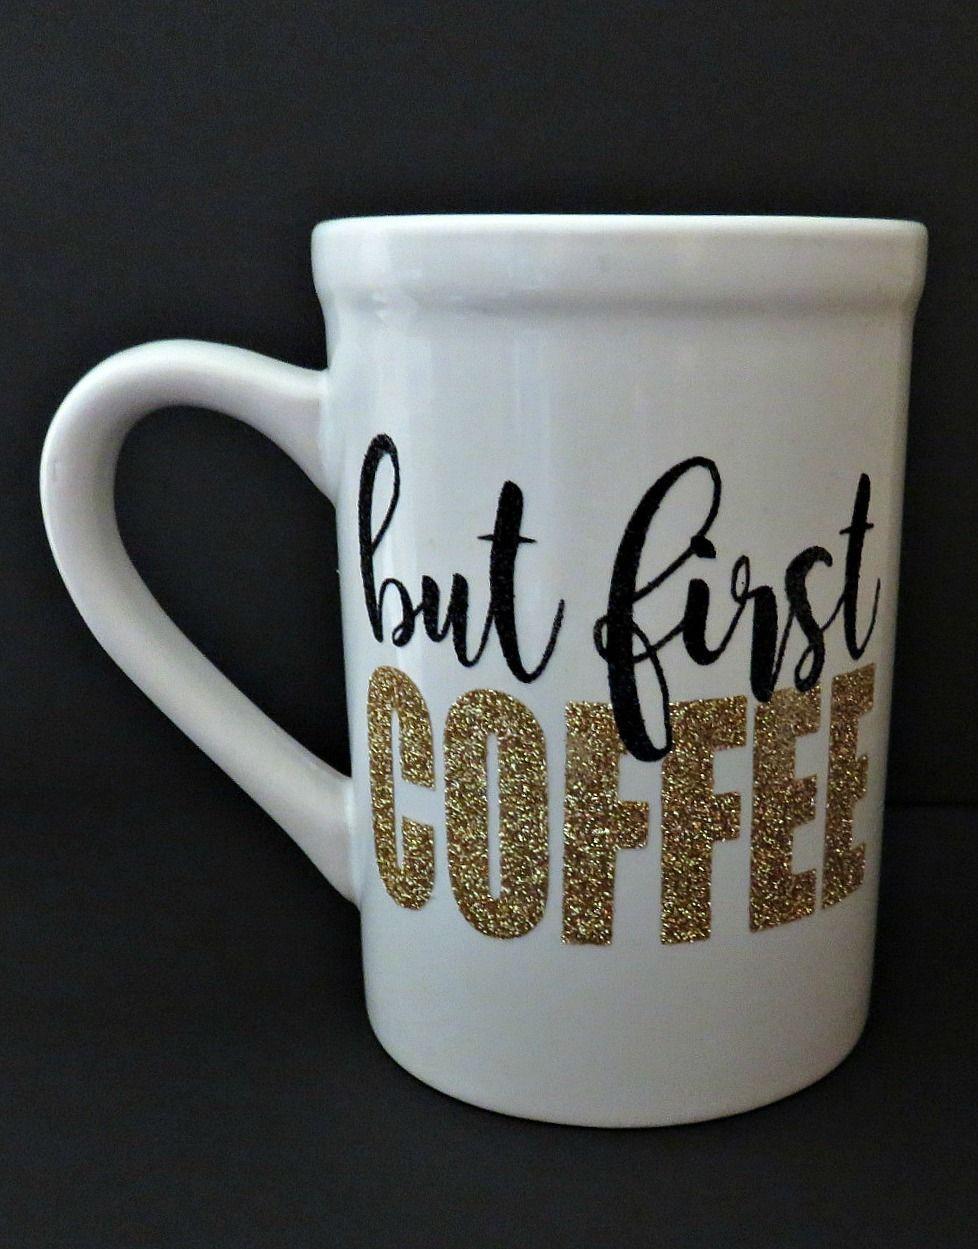 Adorable coffee mug made with Silhouette CAMEO and